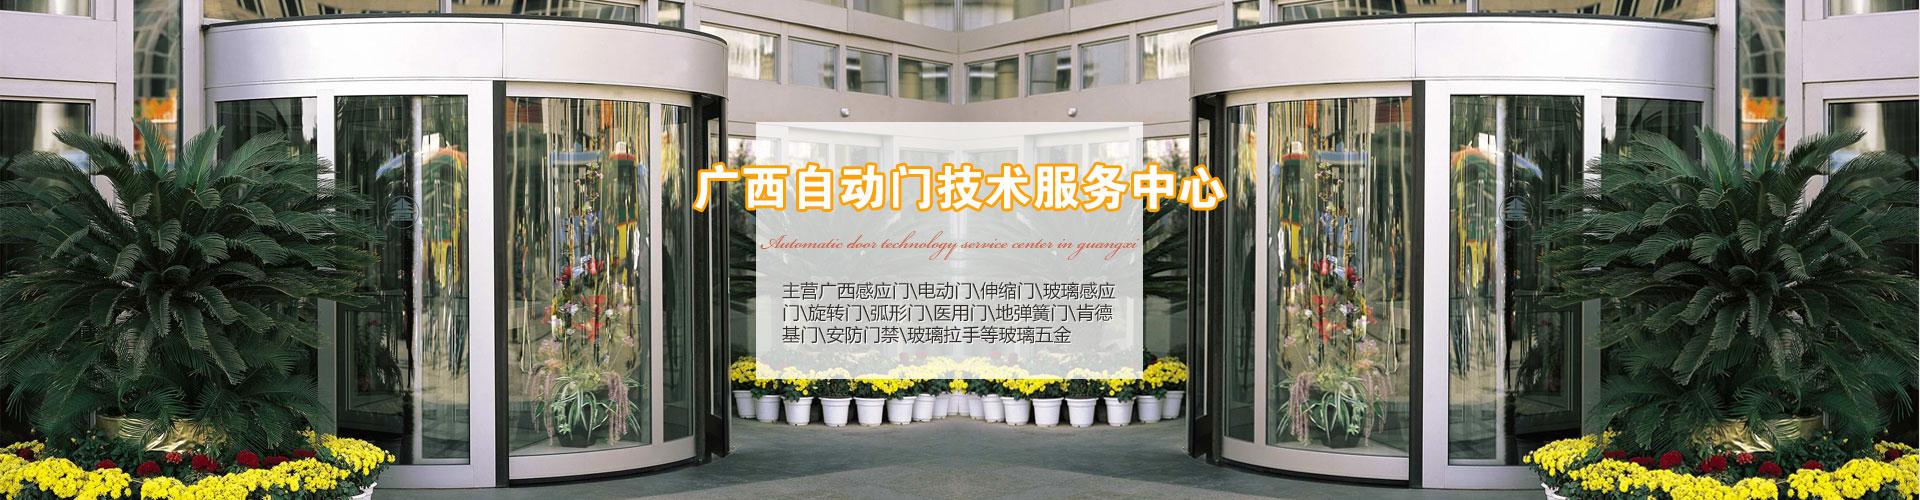 南宁玻璃感应门销售,南宁门禁系统施工,广西旋转门厂家,广西感应门安装